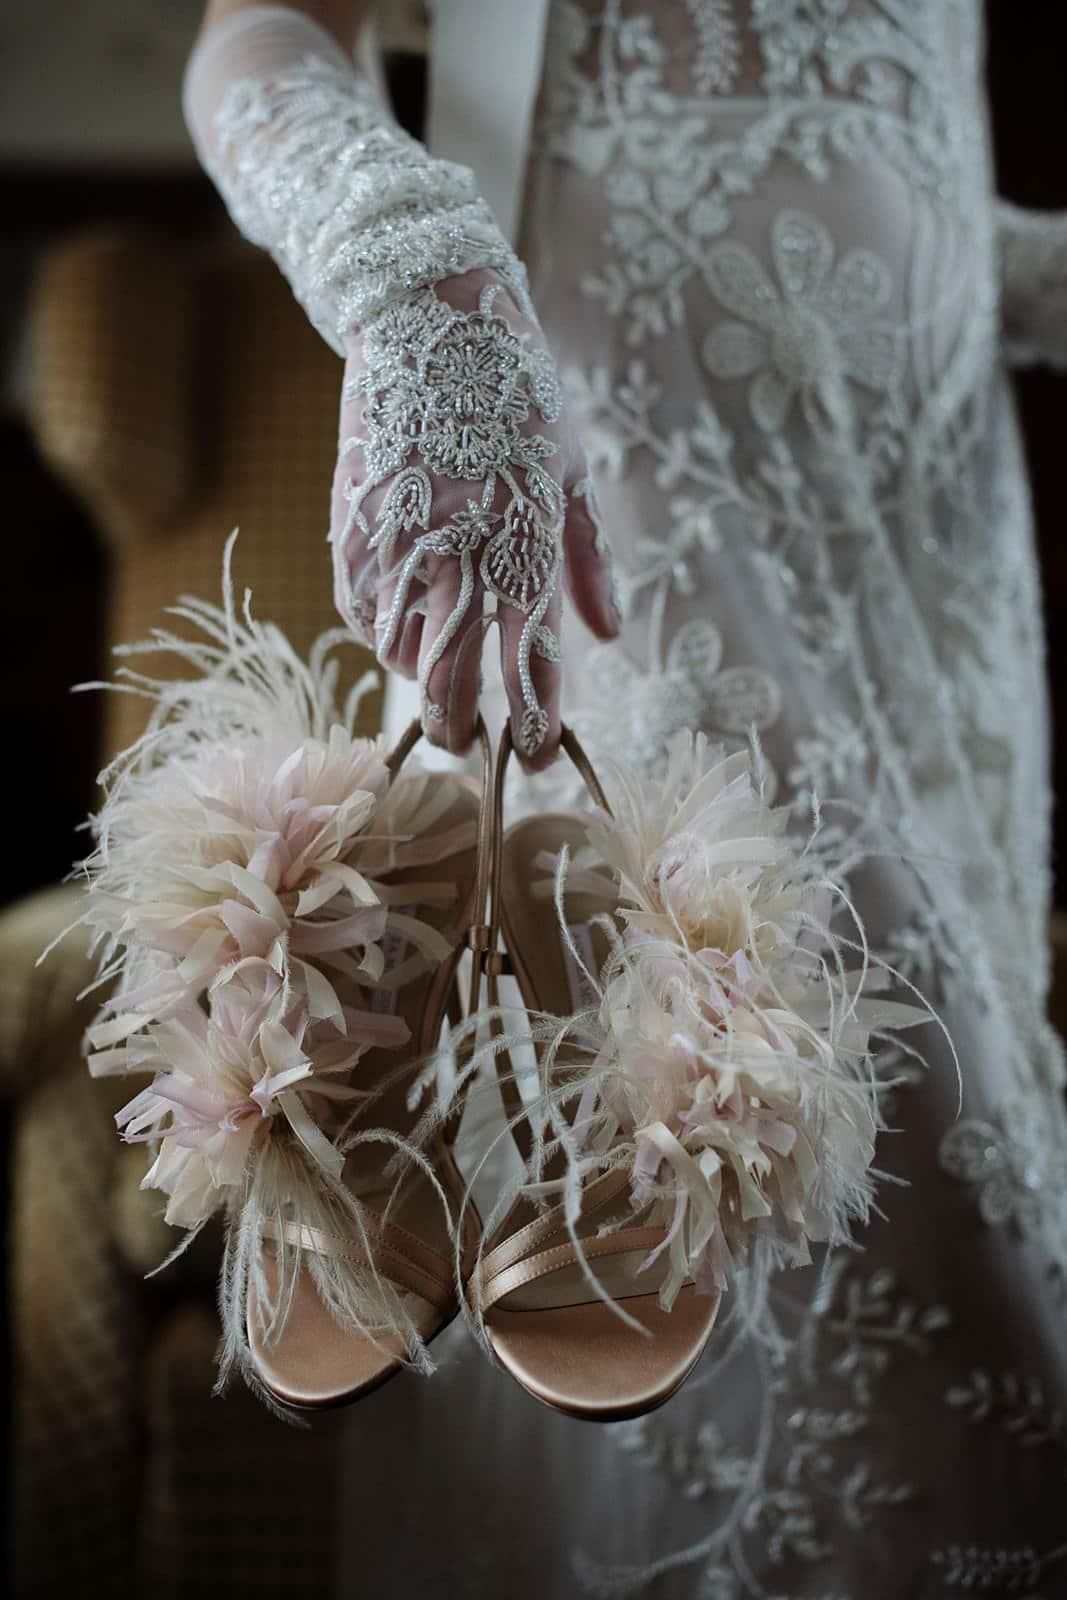 Chaussures et robe de mariée haute couture Organisateur de mariage Atout Coeur Wedding